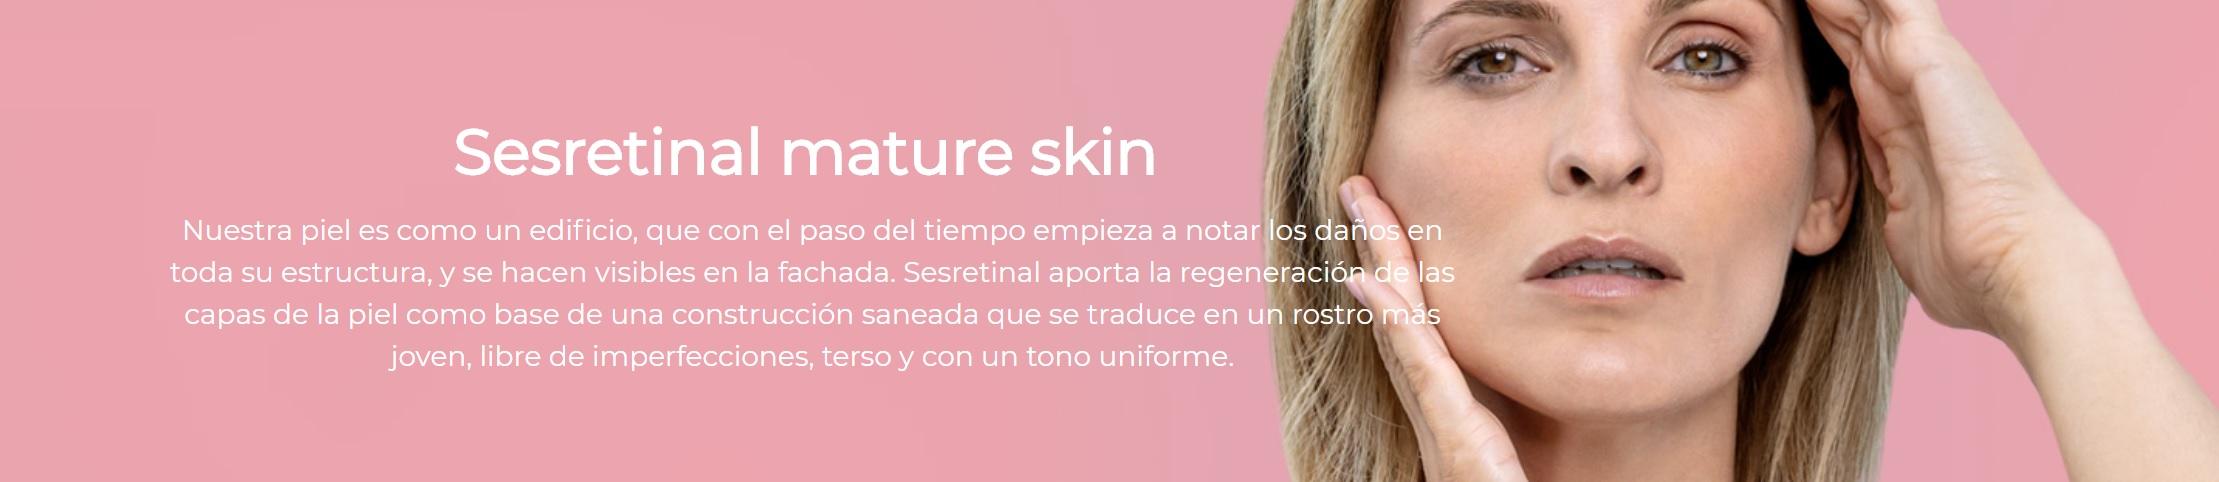 Sesderma Sesretinal Mature skin productos en Farma2go